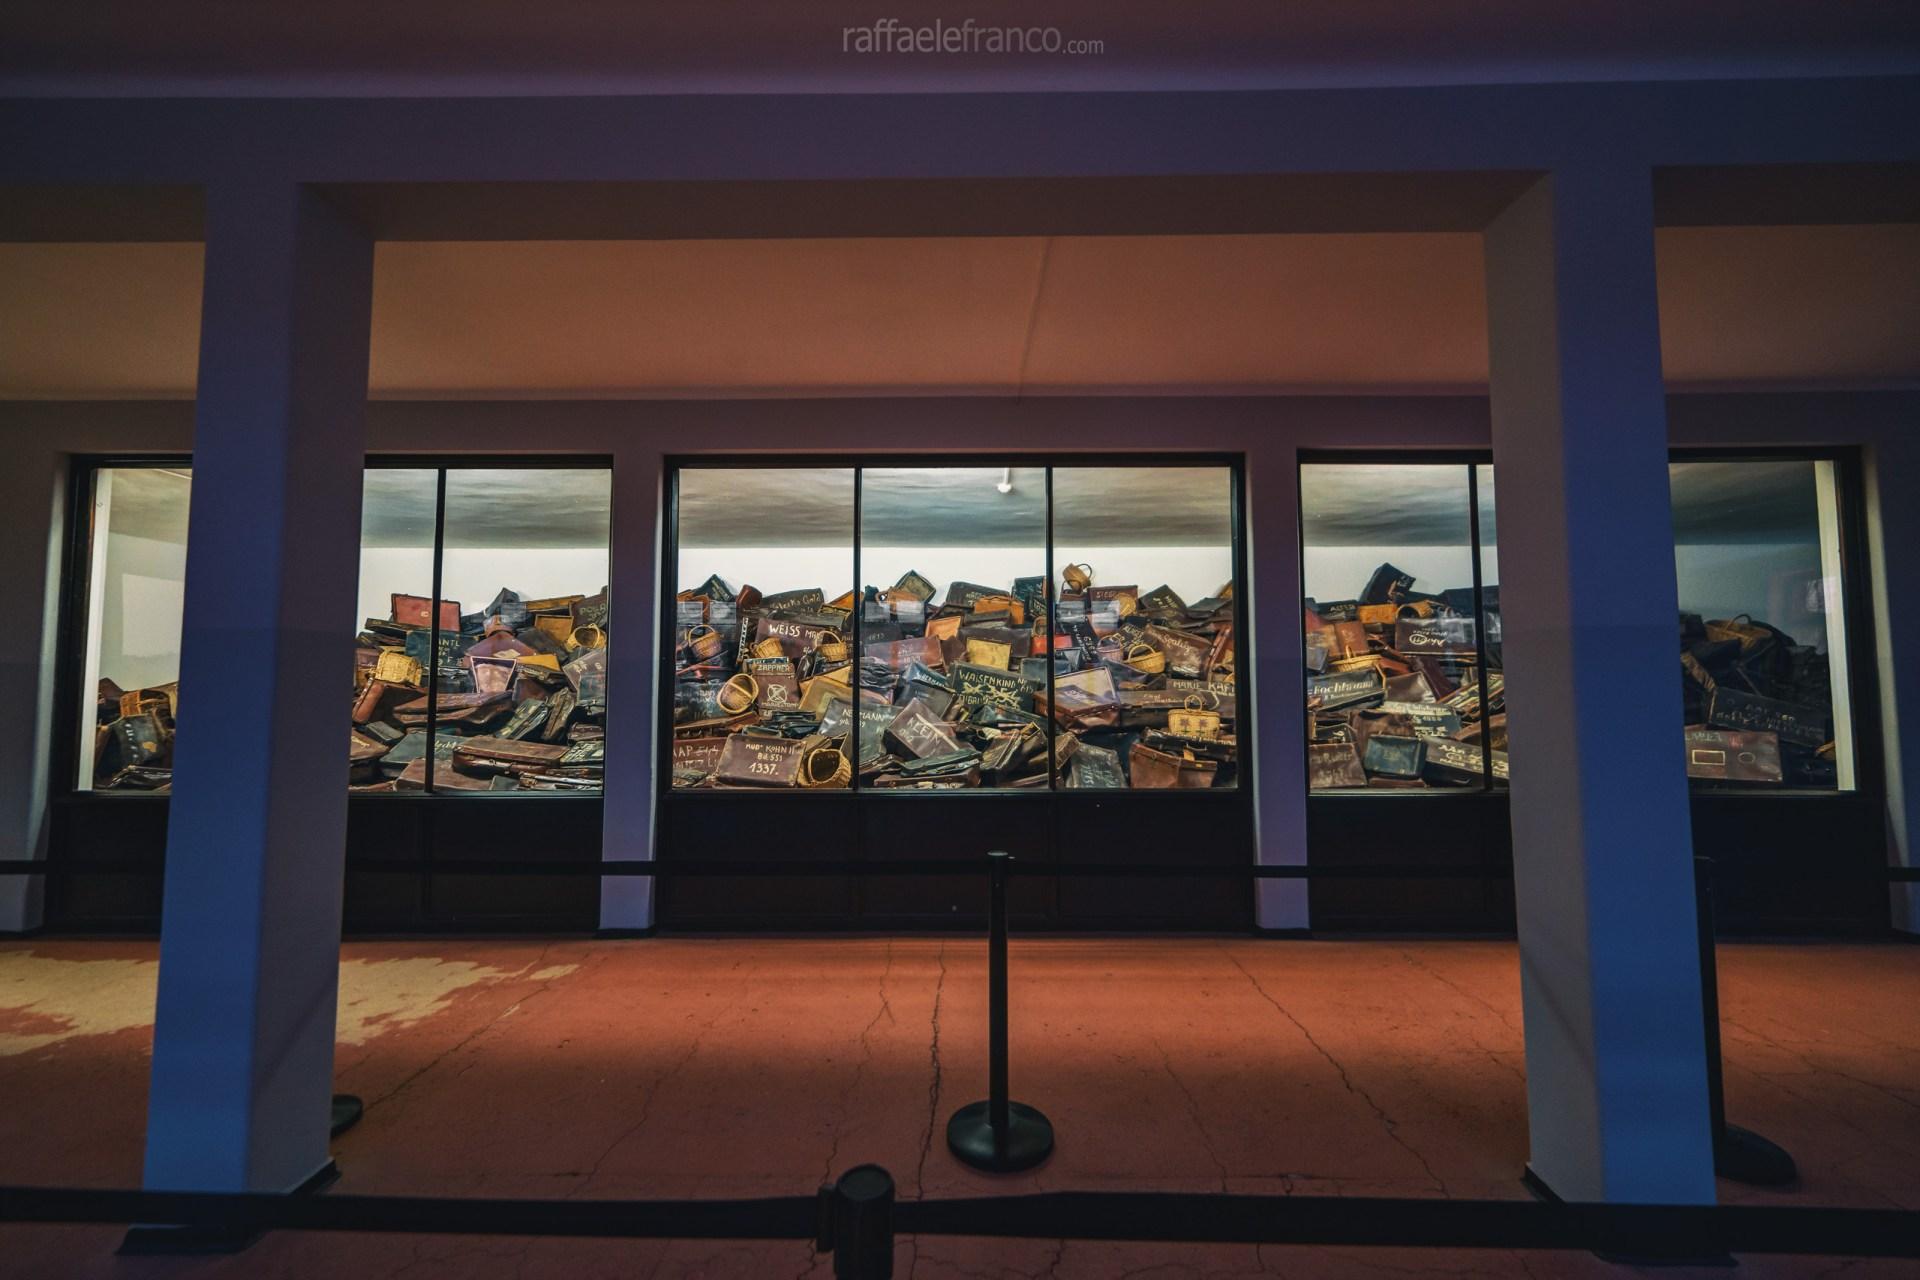 Le valigie dei prigionieri di Auschwitz